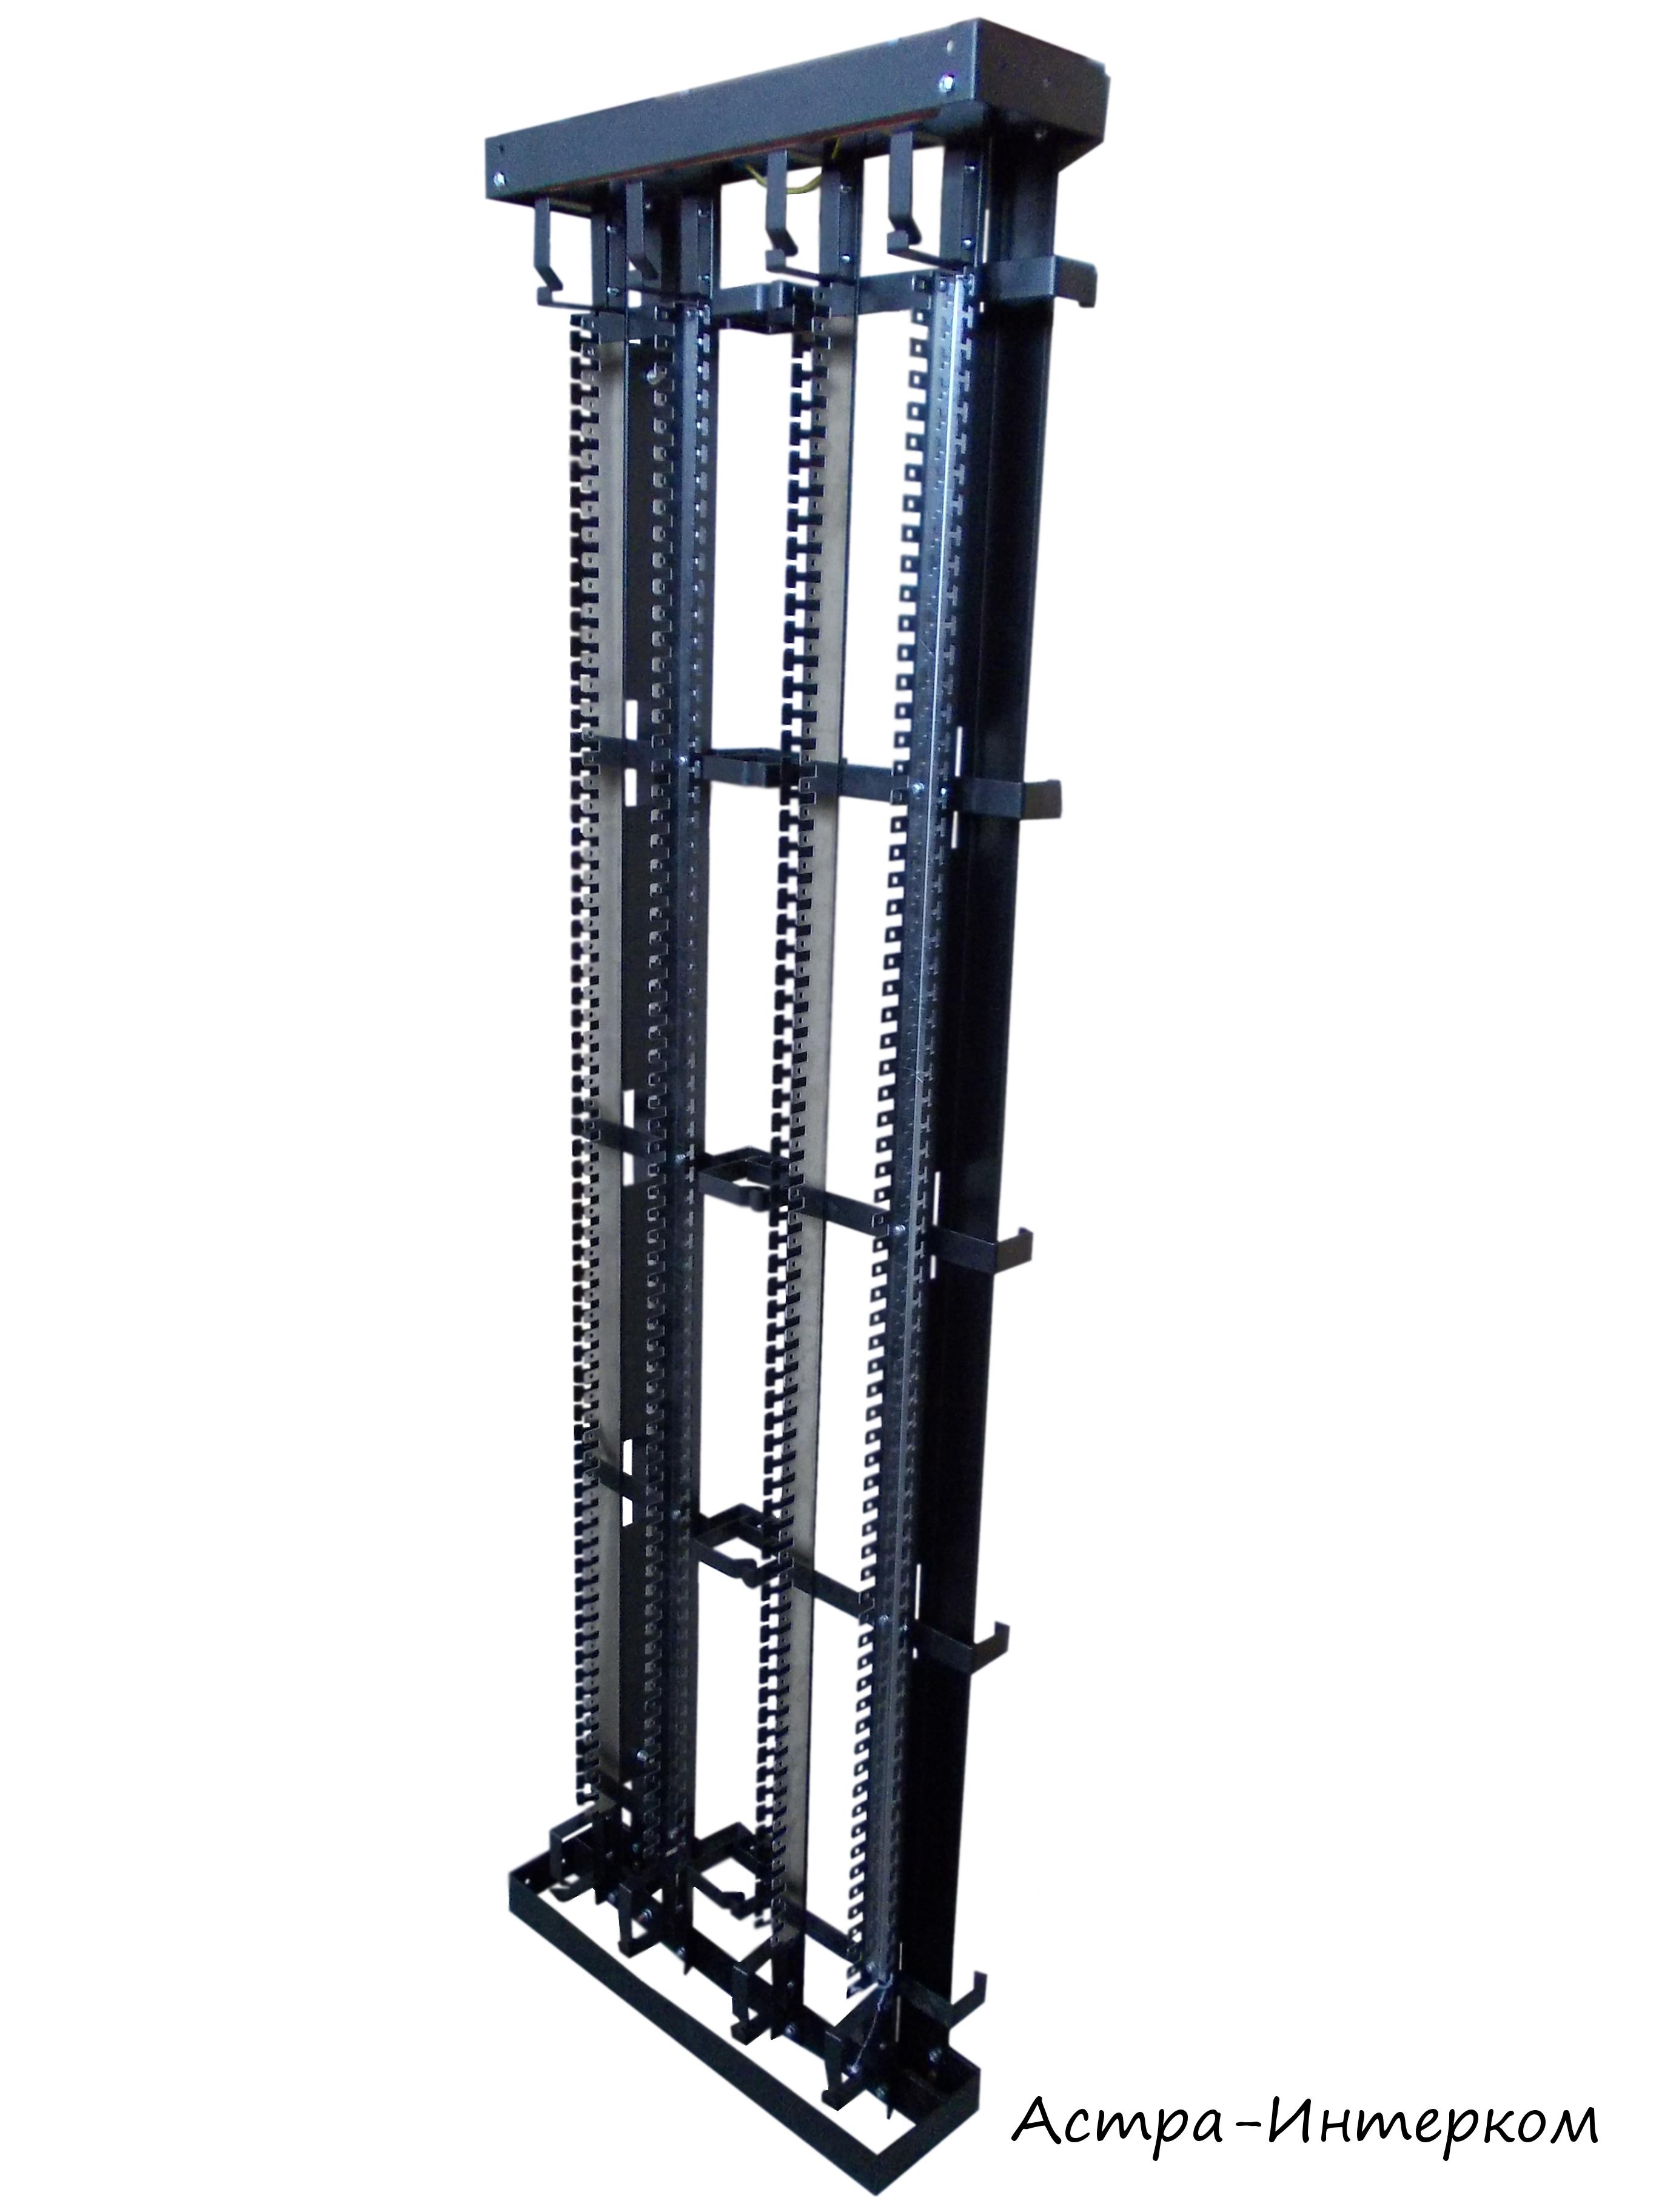 Главный кросс HVt COM 80-2 2 рядный, PROFIL 6971 1 024-00 (1280пар)